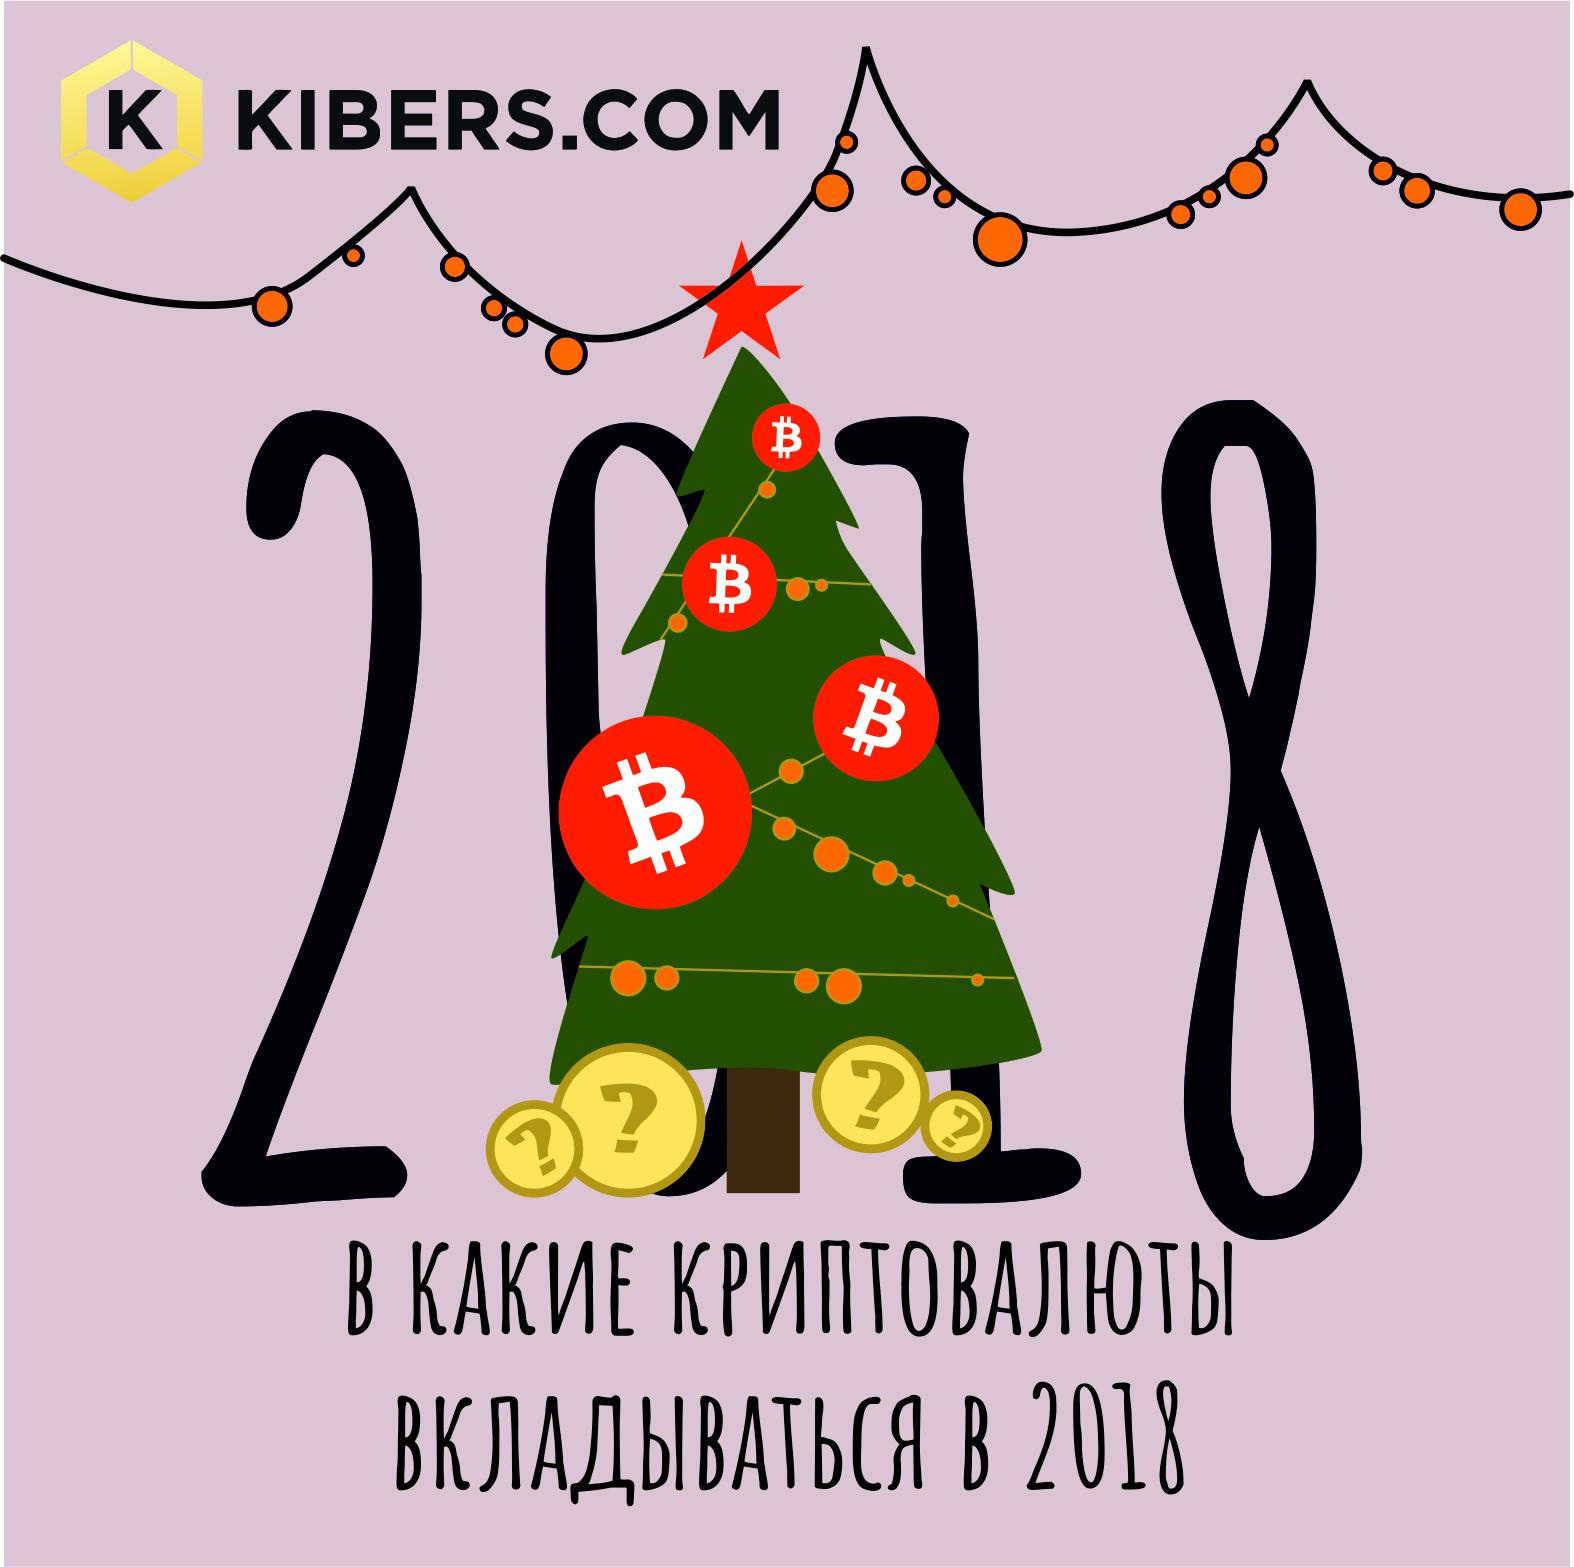 В какие криптовалюты вкладывать в 2018